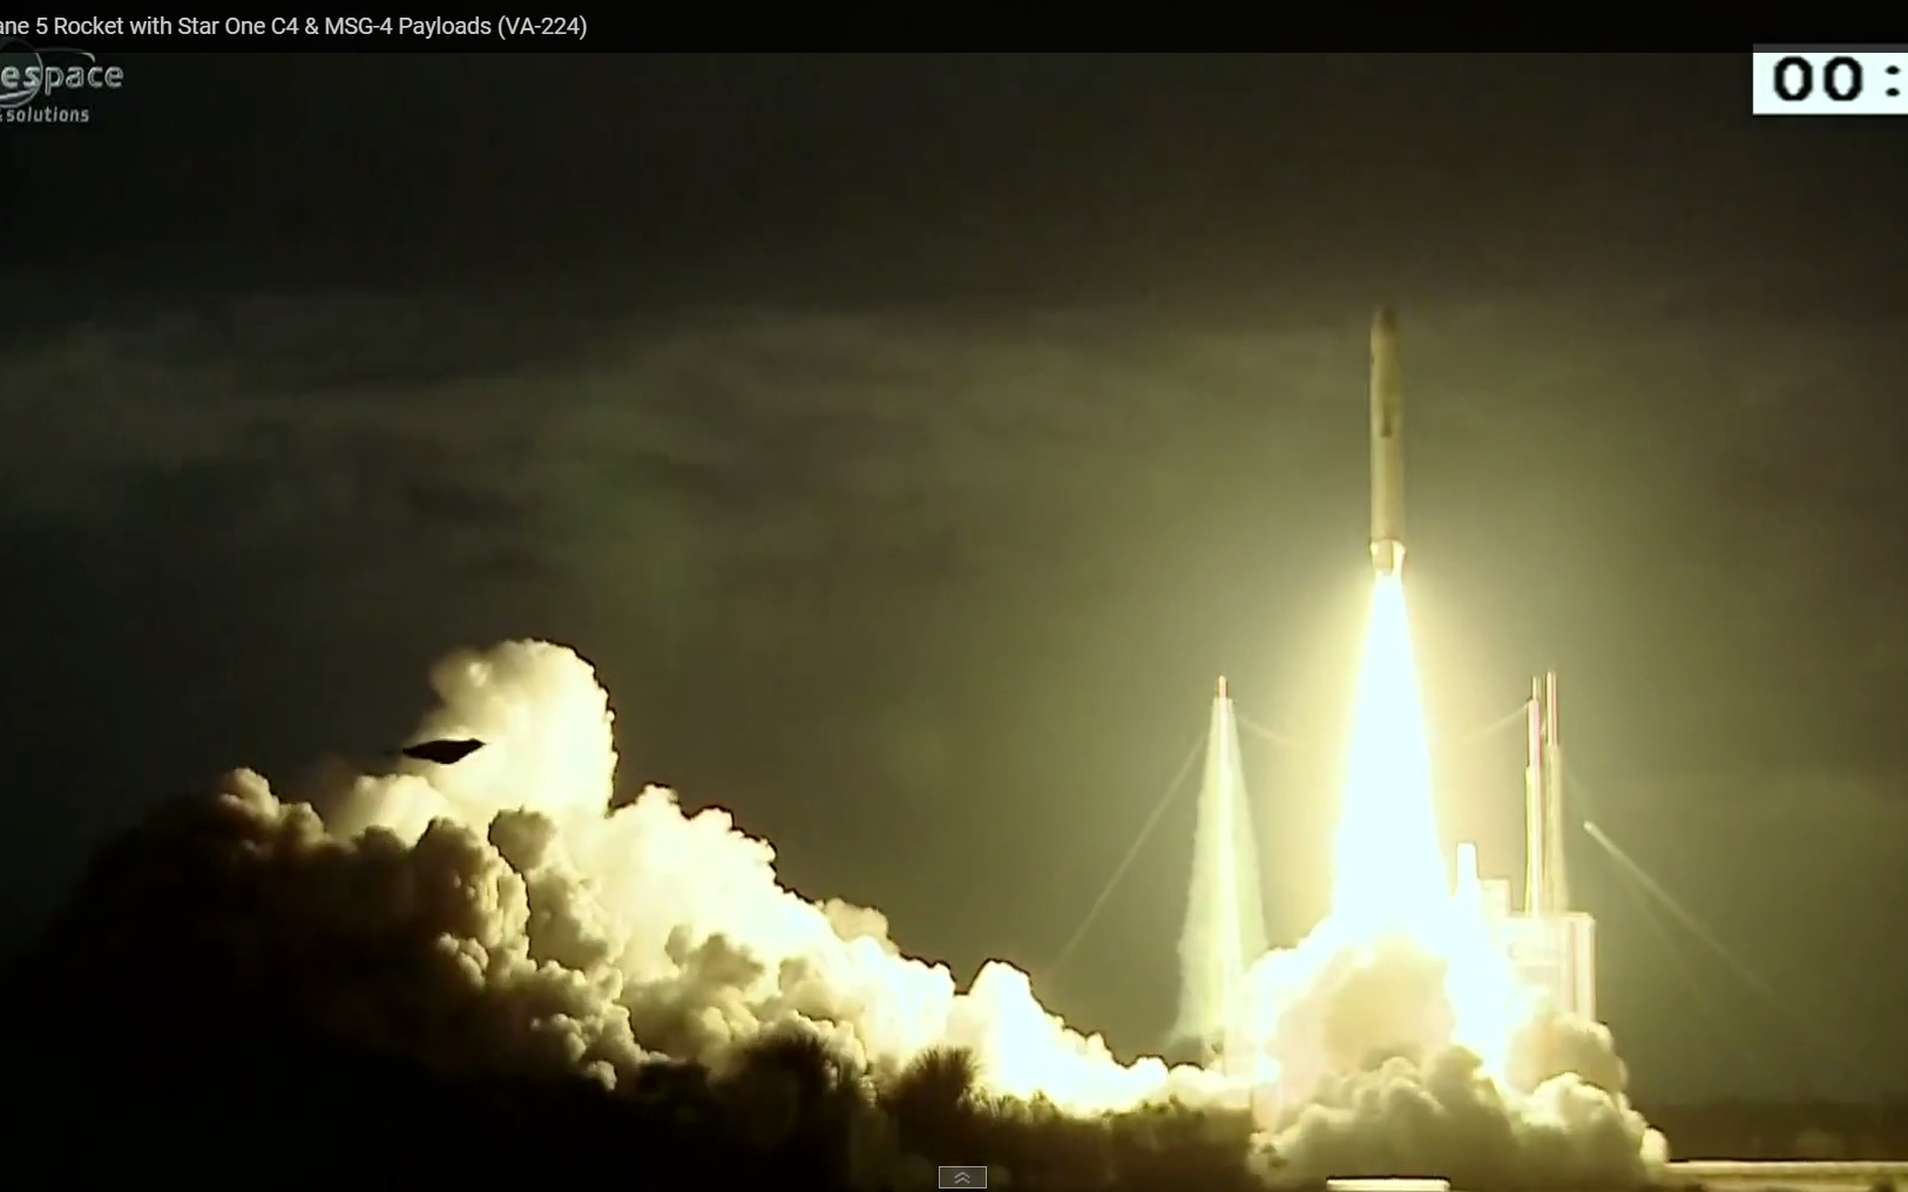 Le lanceur Ariane 5 emporte les satellites MSG-4 et Star One C4, le 15 juillet à 22 h 42 TU. © Arianespace